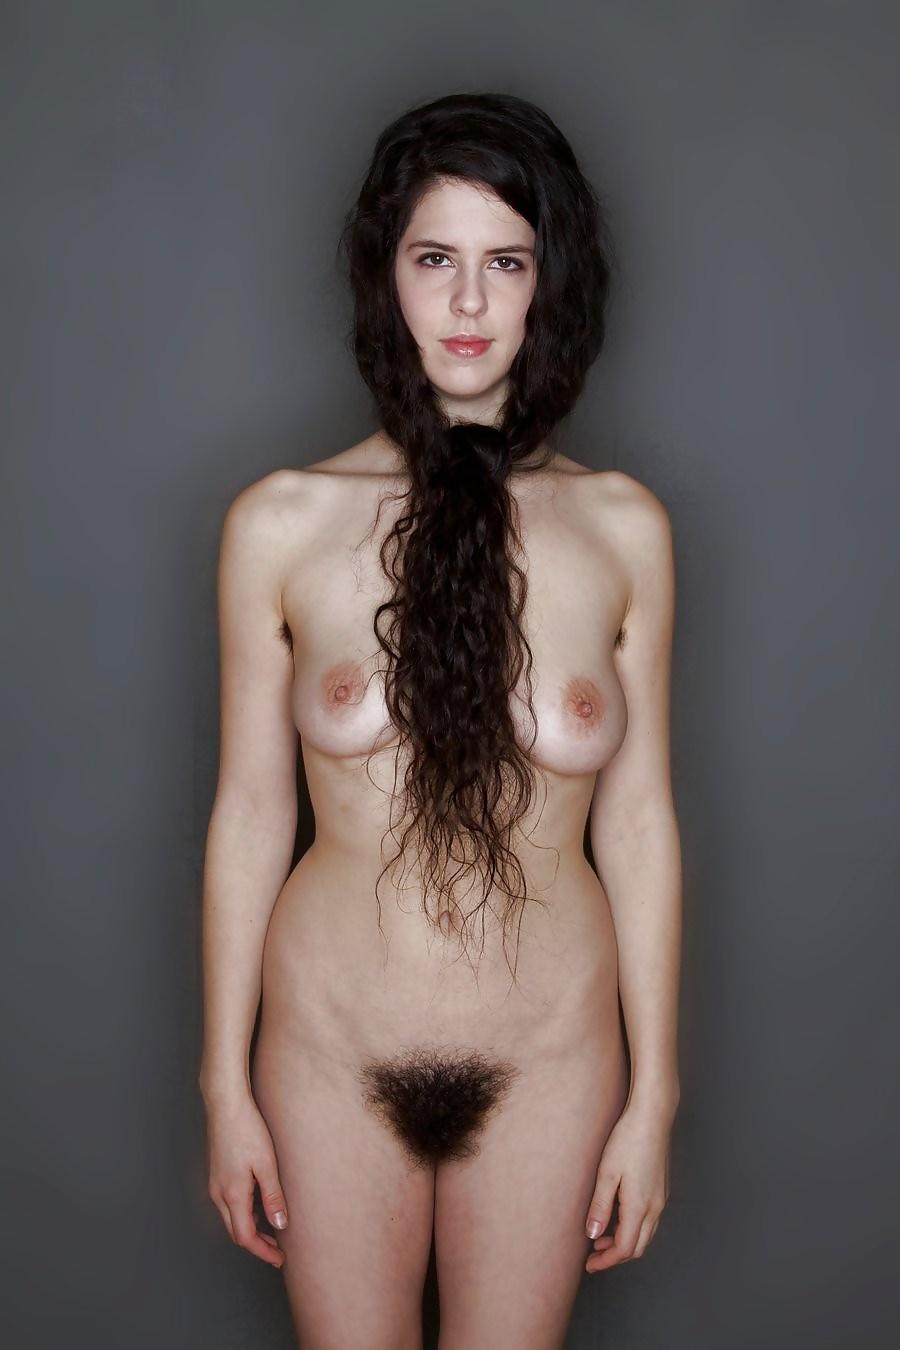 Art erotic bushy girls, naked women skirt bent